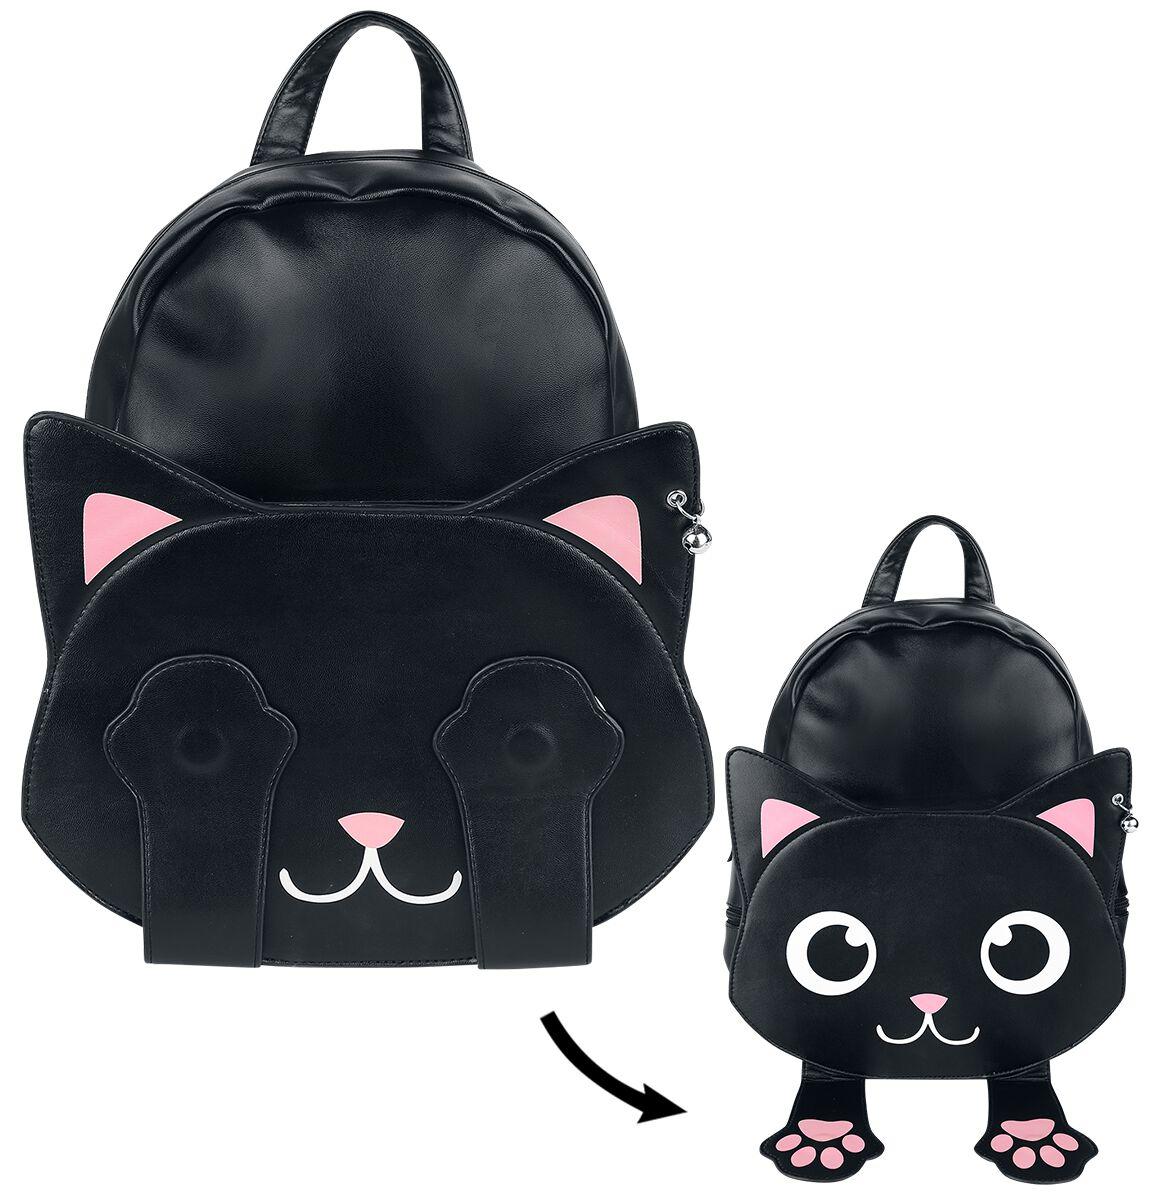 Banned Alternative Backpack Of Tricks Rucksack schwarz weiß BG7240